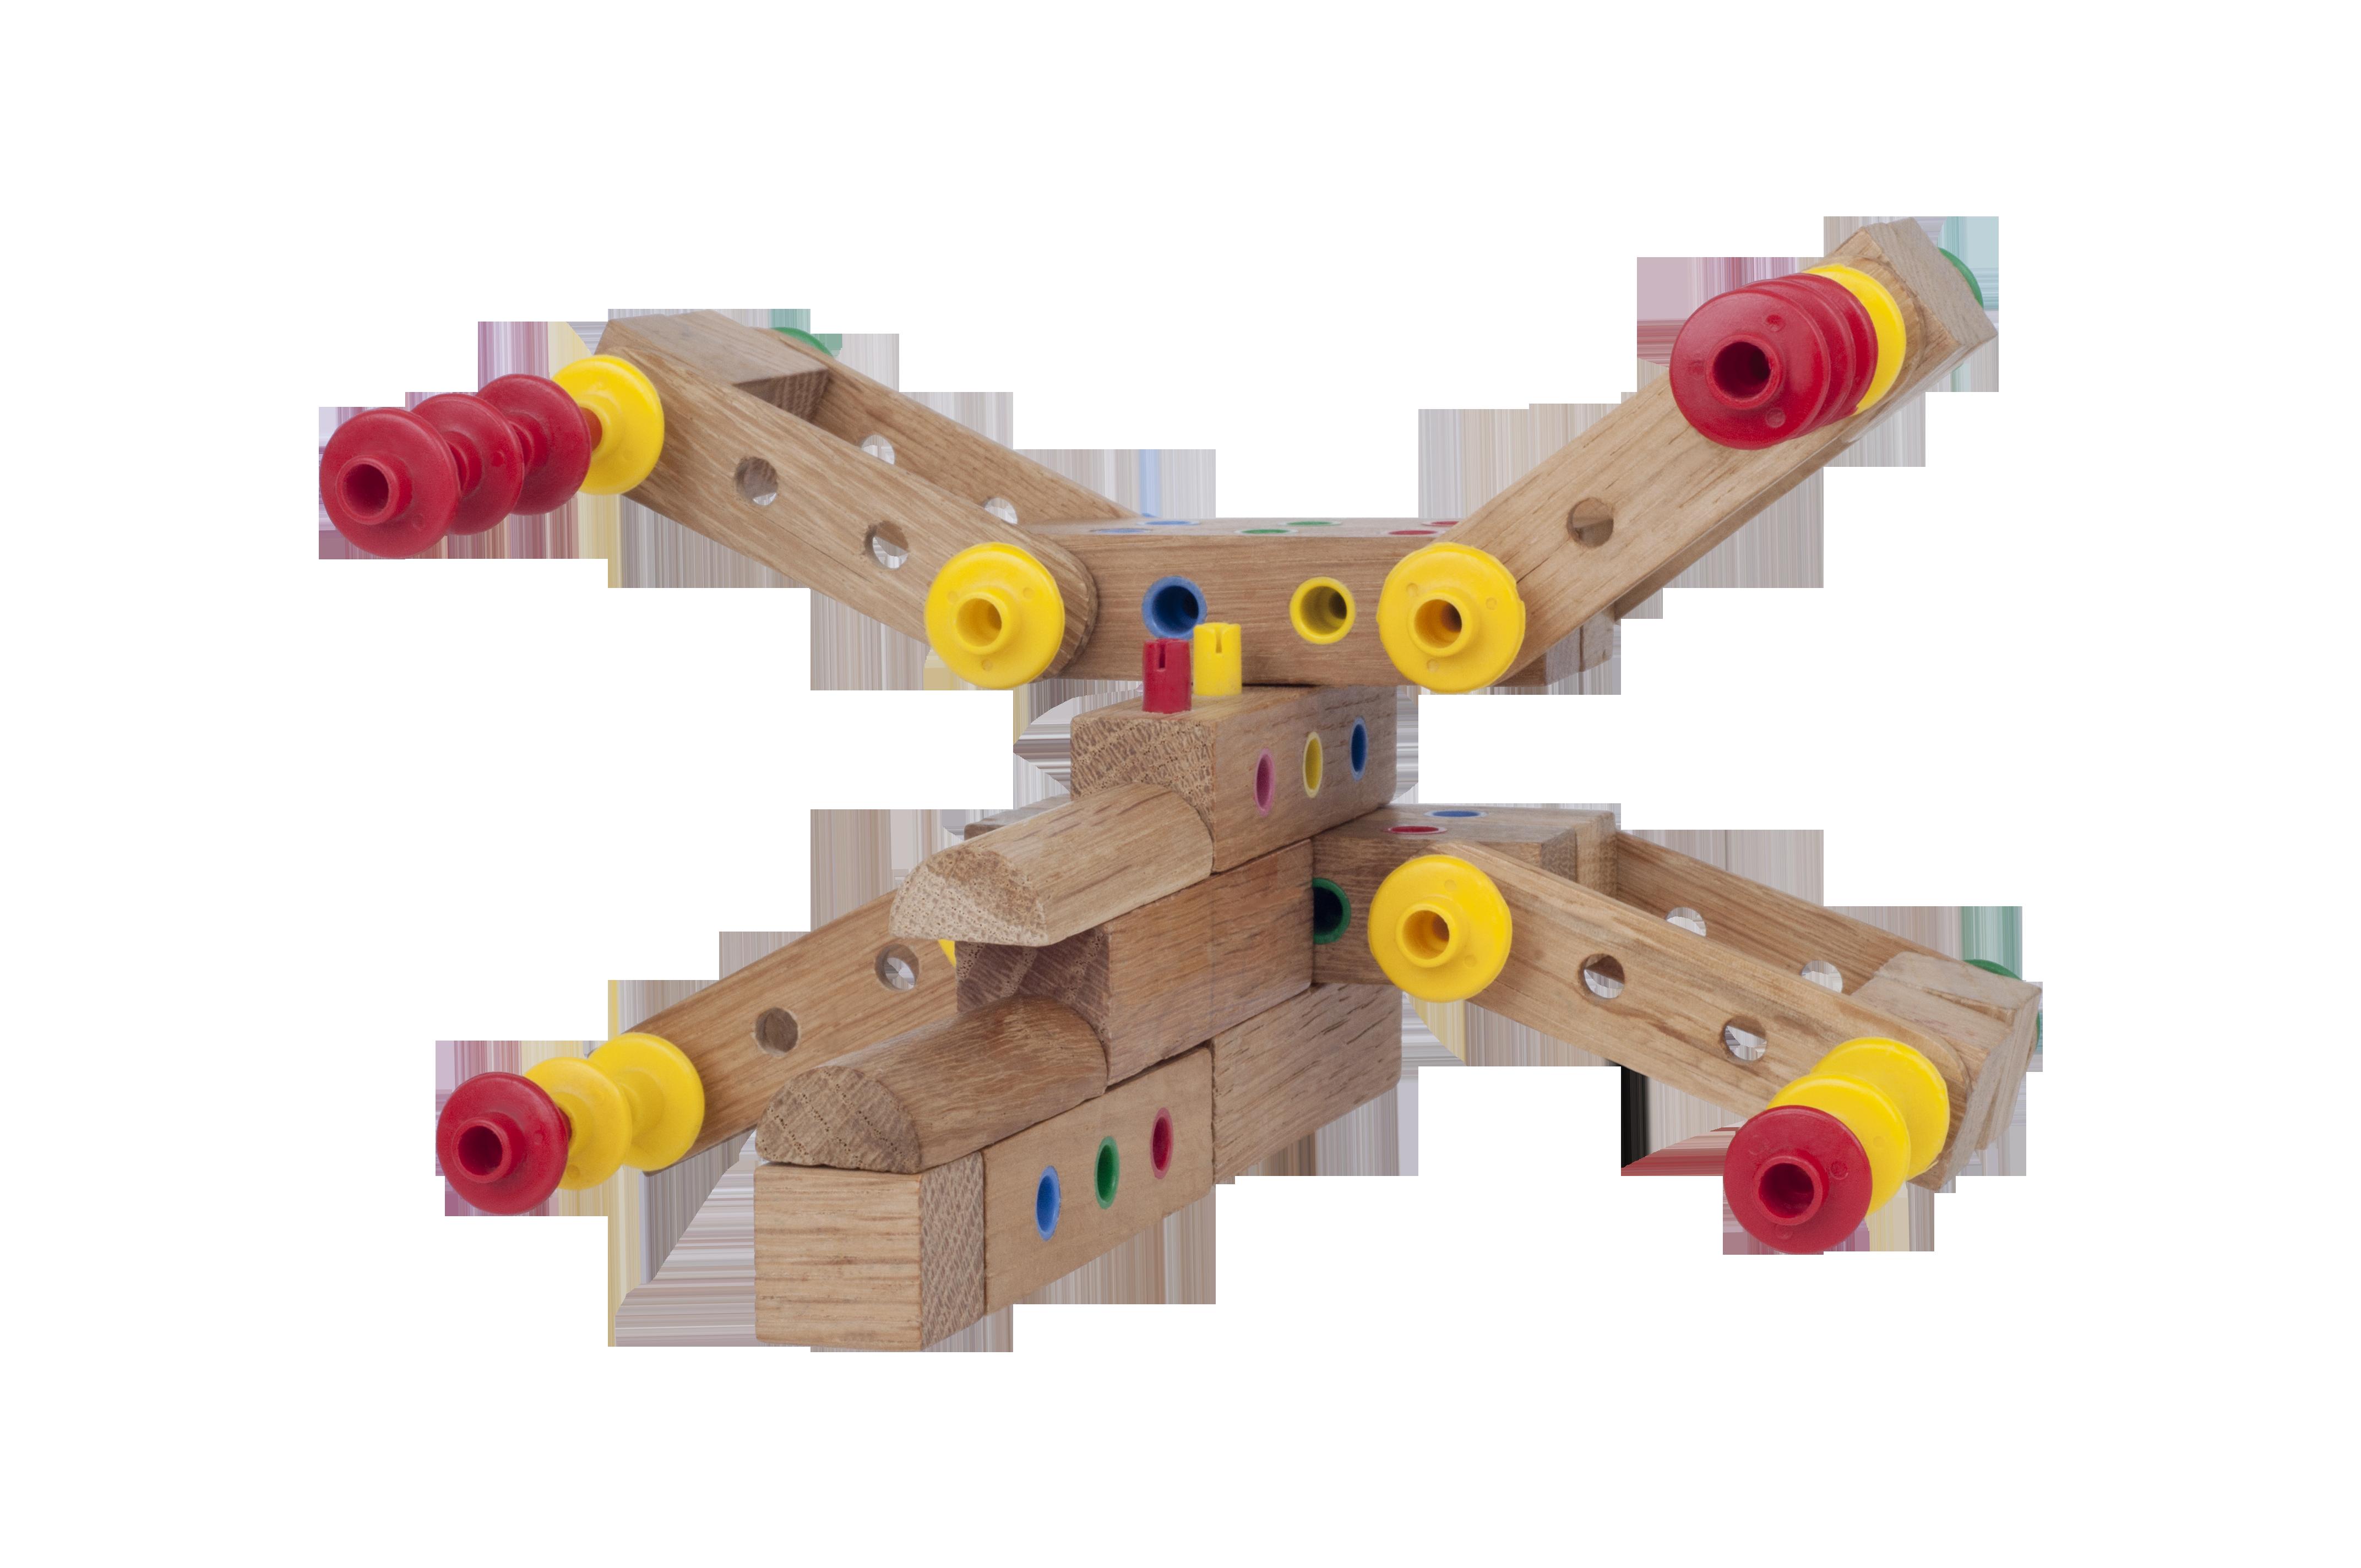 צילום מוצרים - צעצוע מטוס